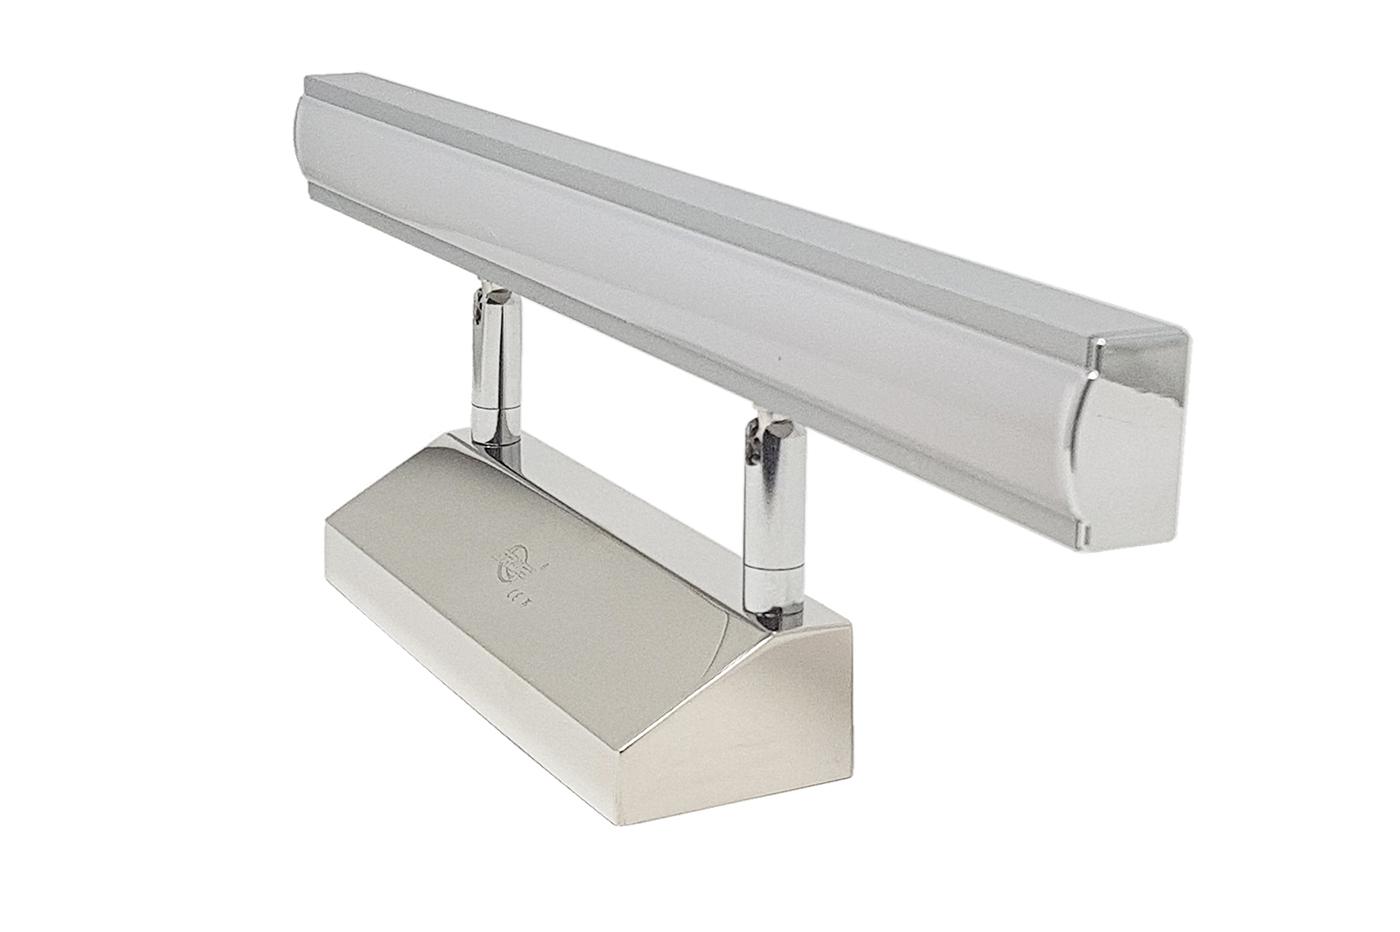 BES-23692 - Applique - beselettronica - Lampada applique specchio ...